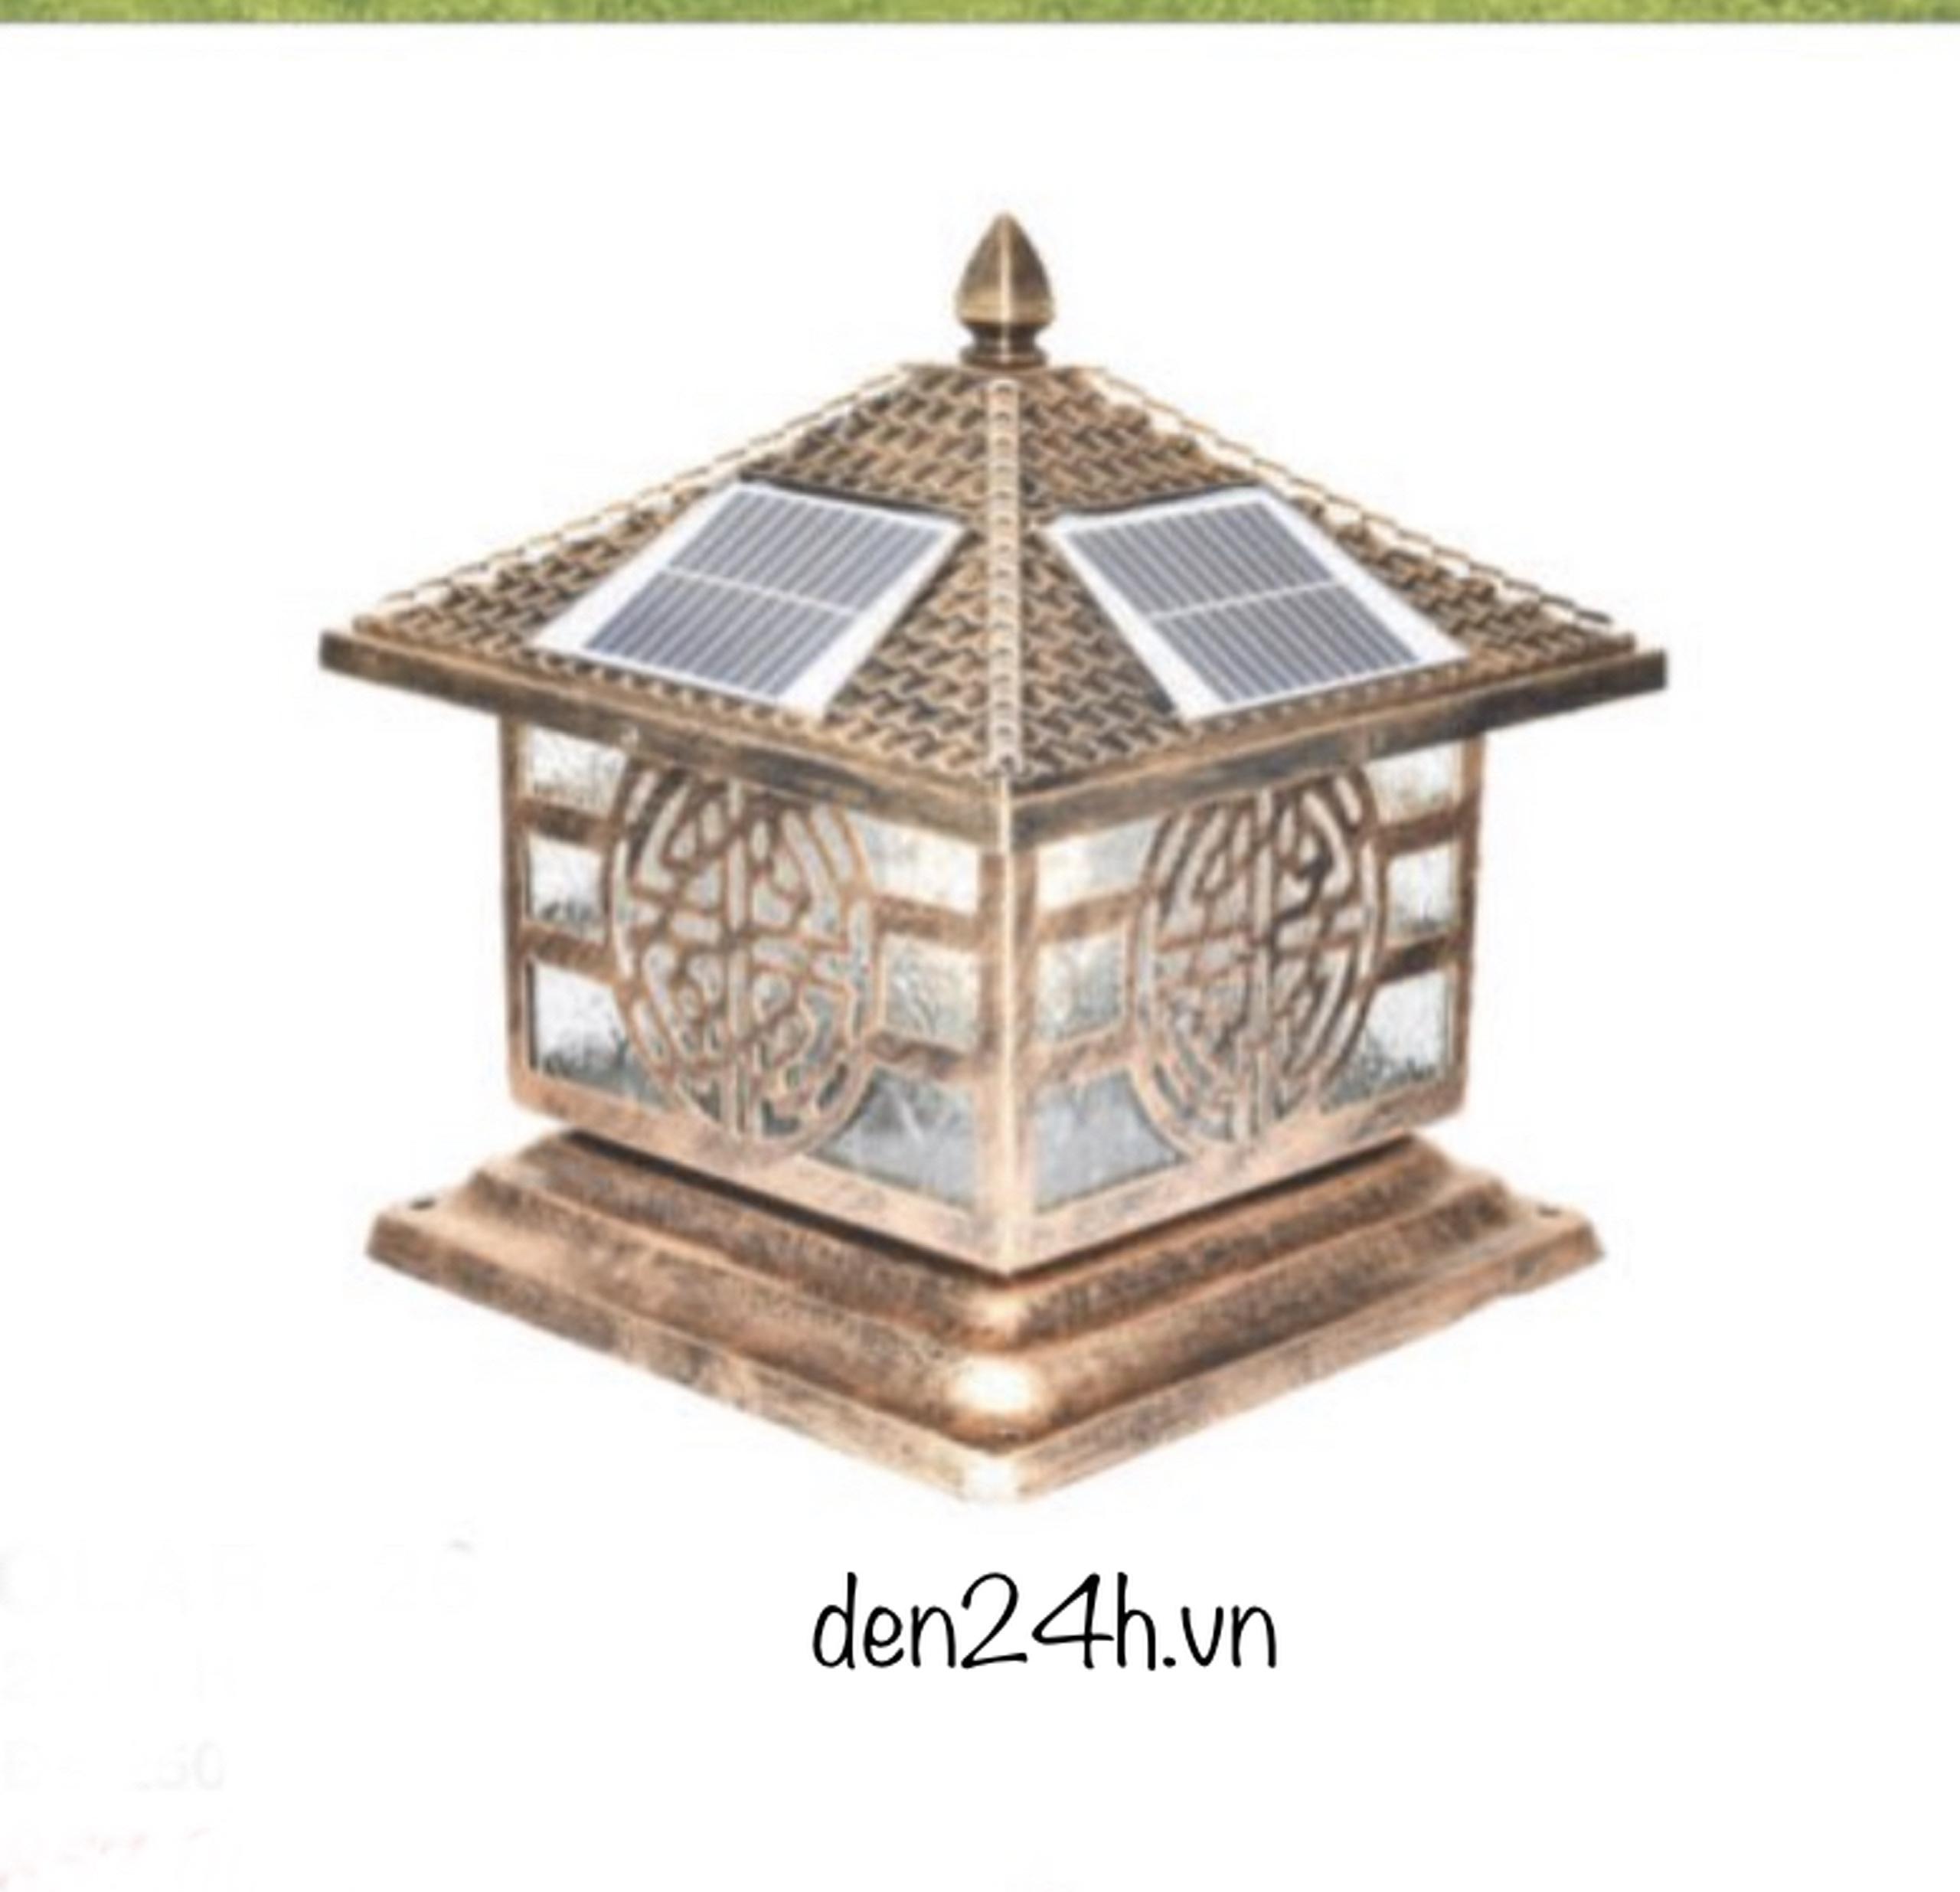 Đèn trụ cổng năng lượng mặt trời CT1 Solar-28  L400xH350